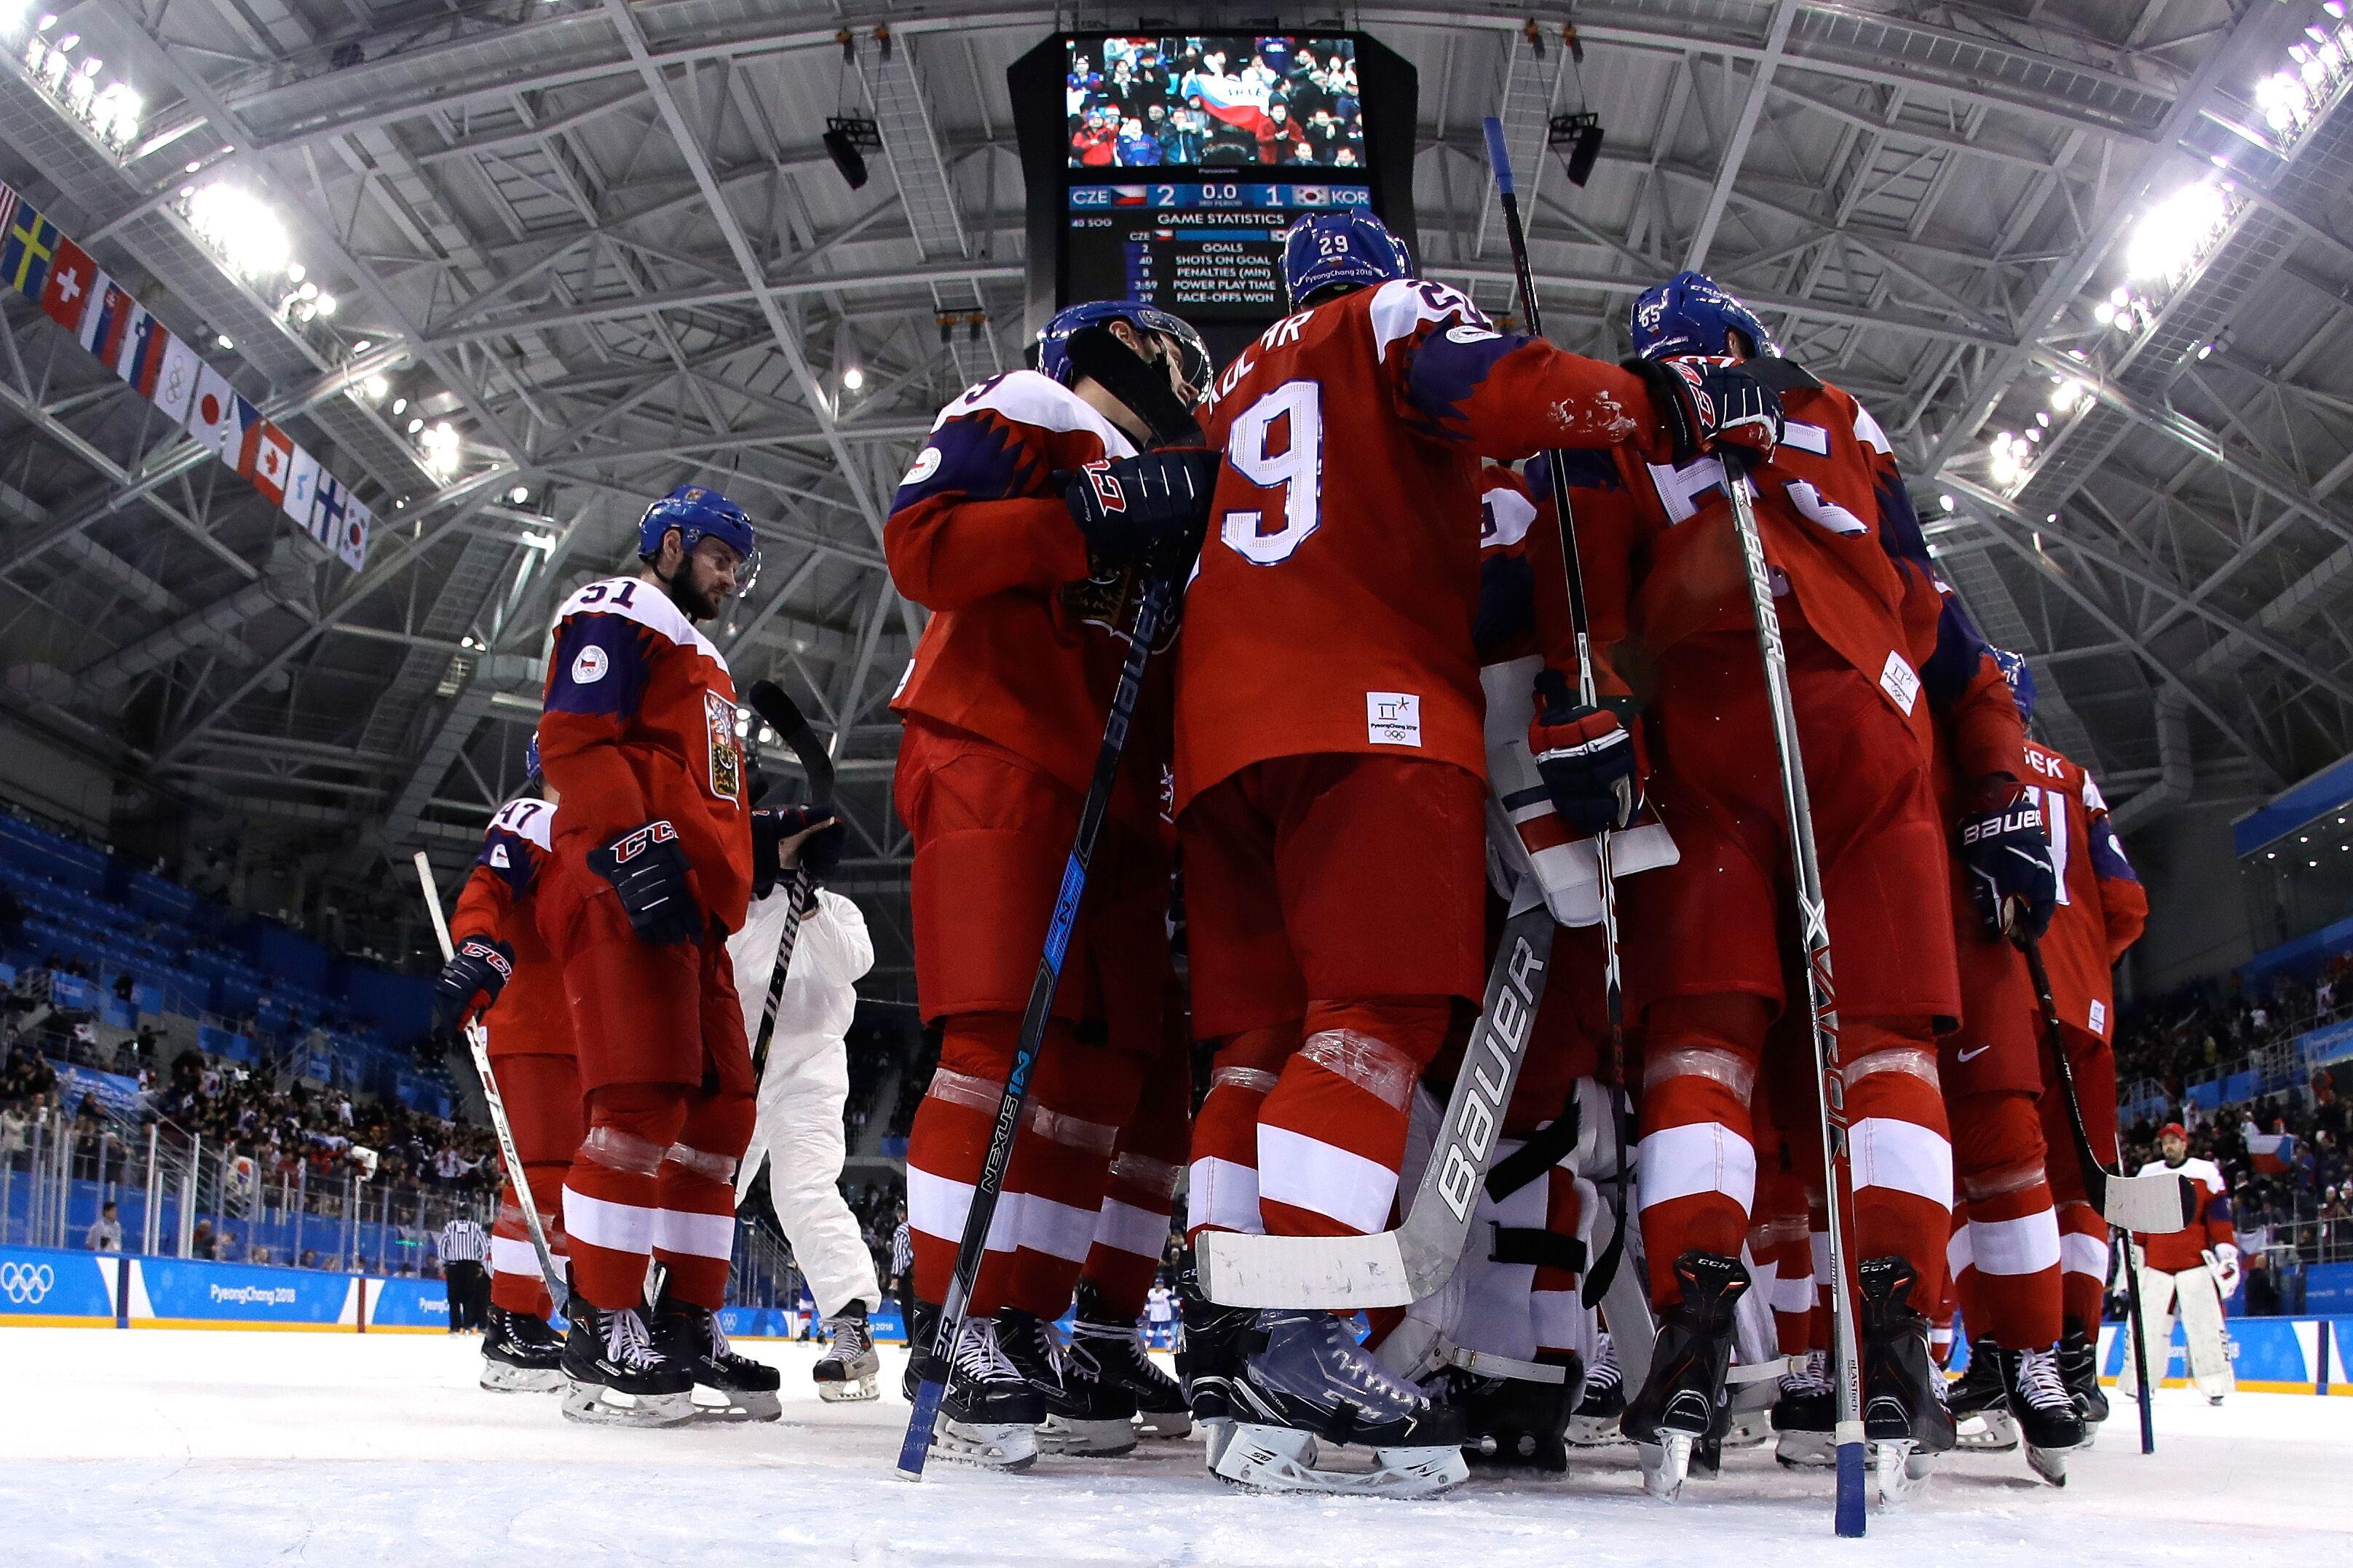 south koreas hockey team - HD3232×2154